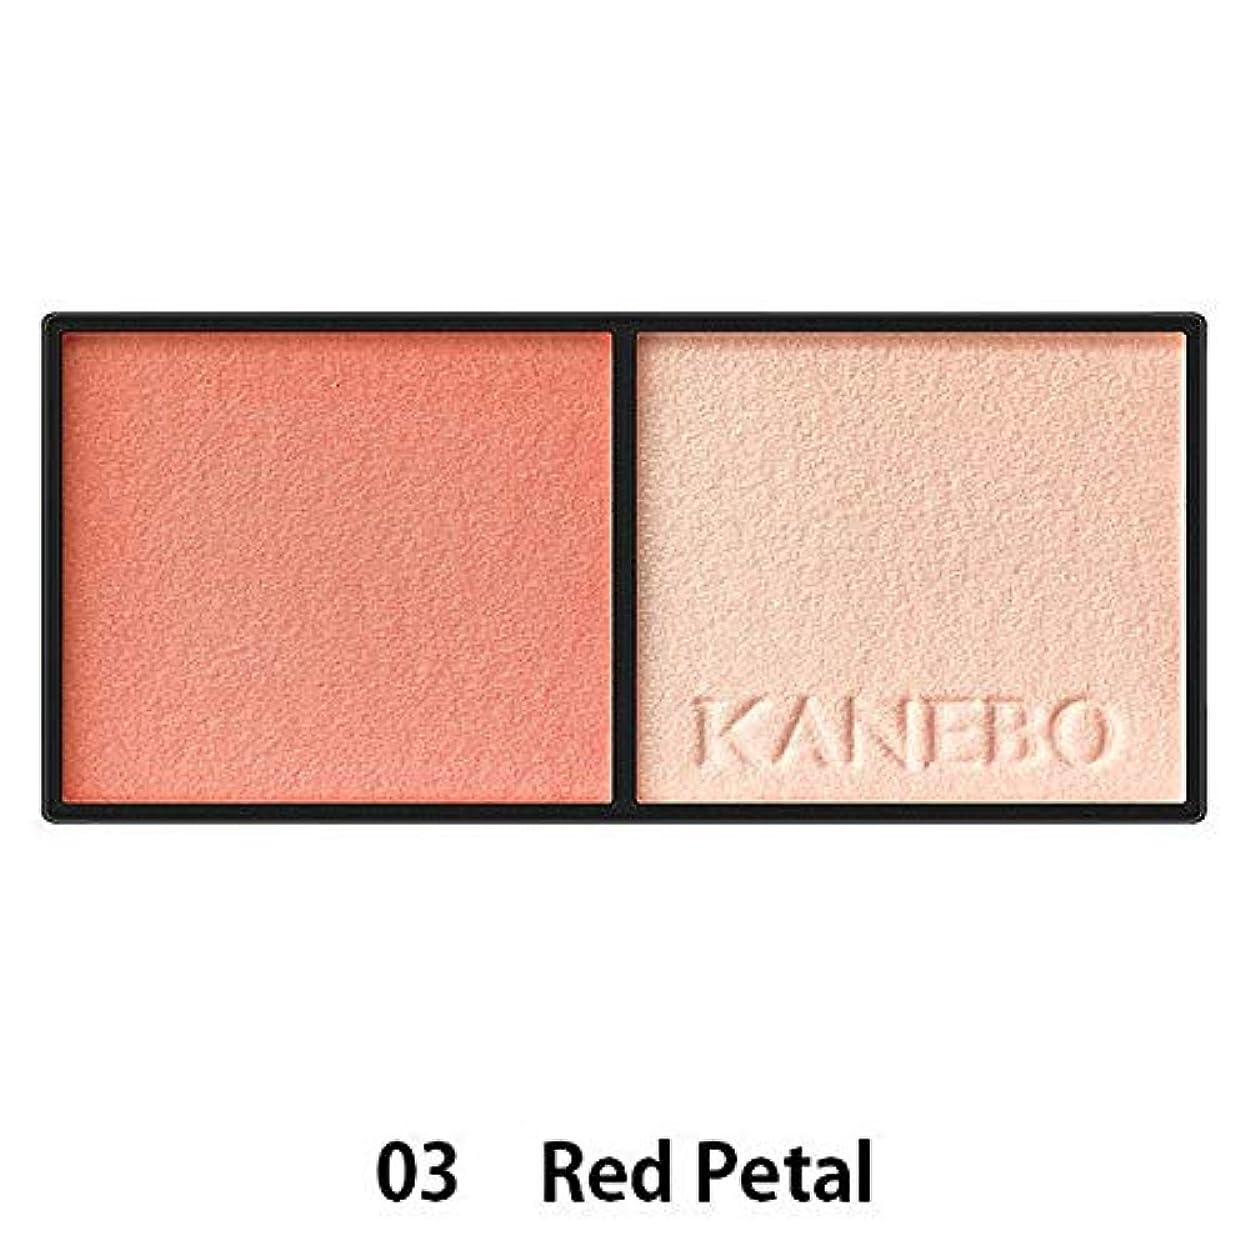 ベスト赤外線ナビゲーションKANEBO(カネボウ) カネボウ ヴァリアンブラッセ(チークス) 03 Red Petal チーク